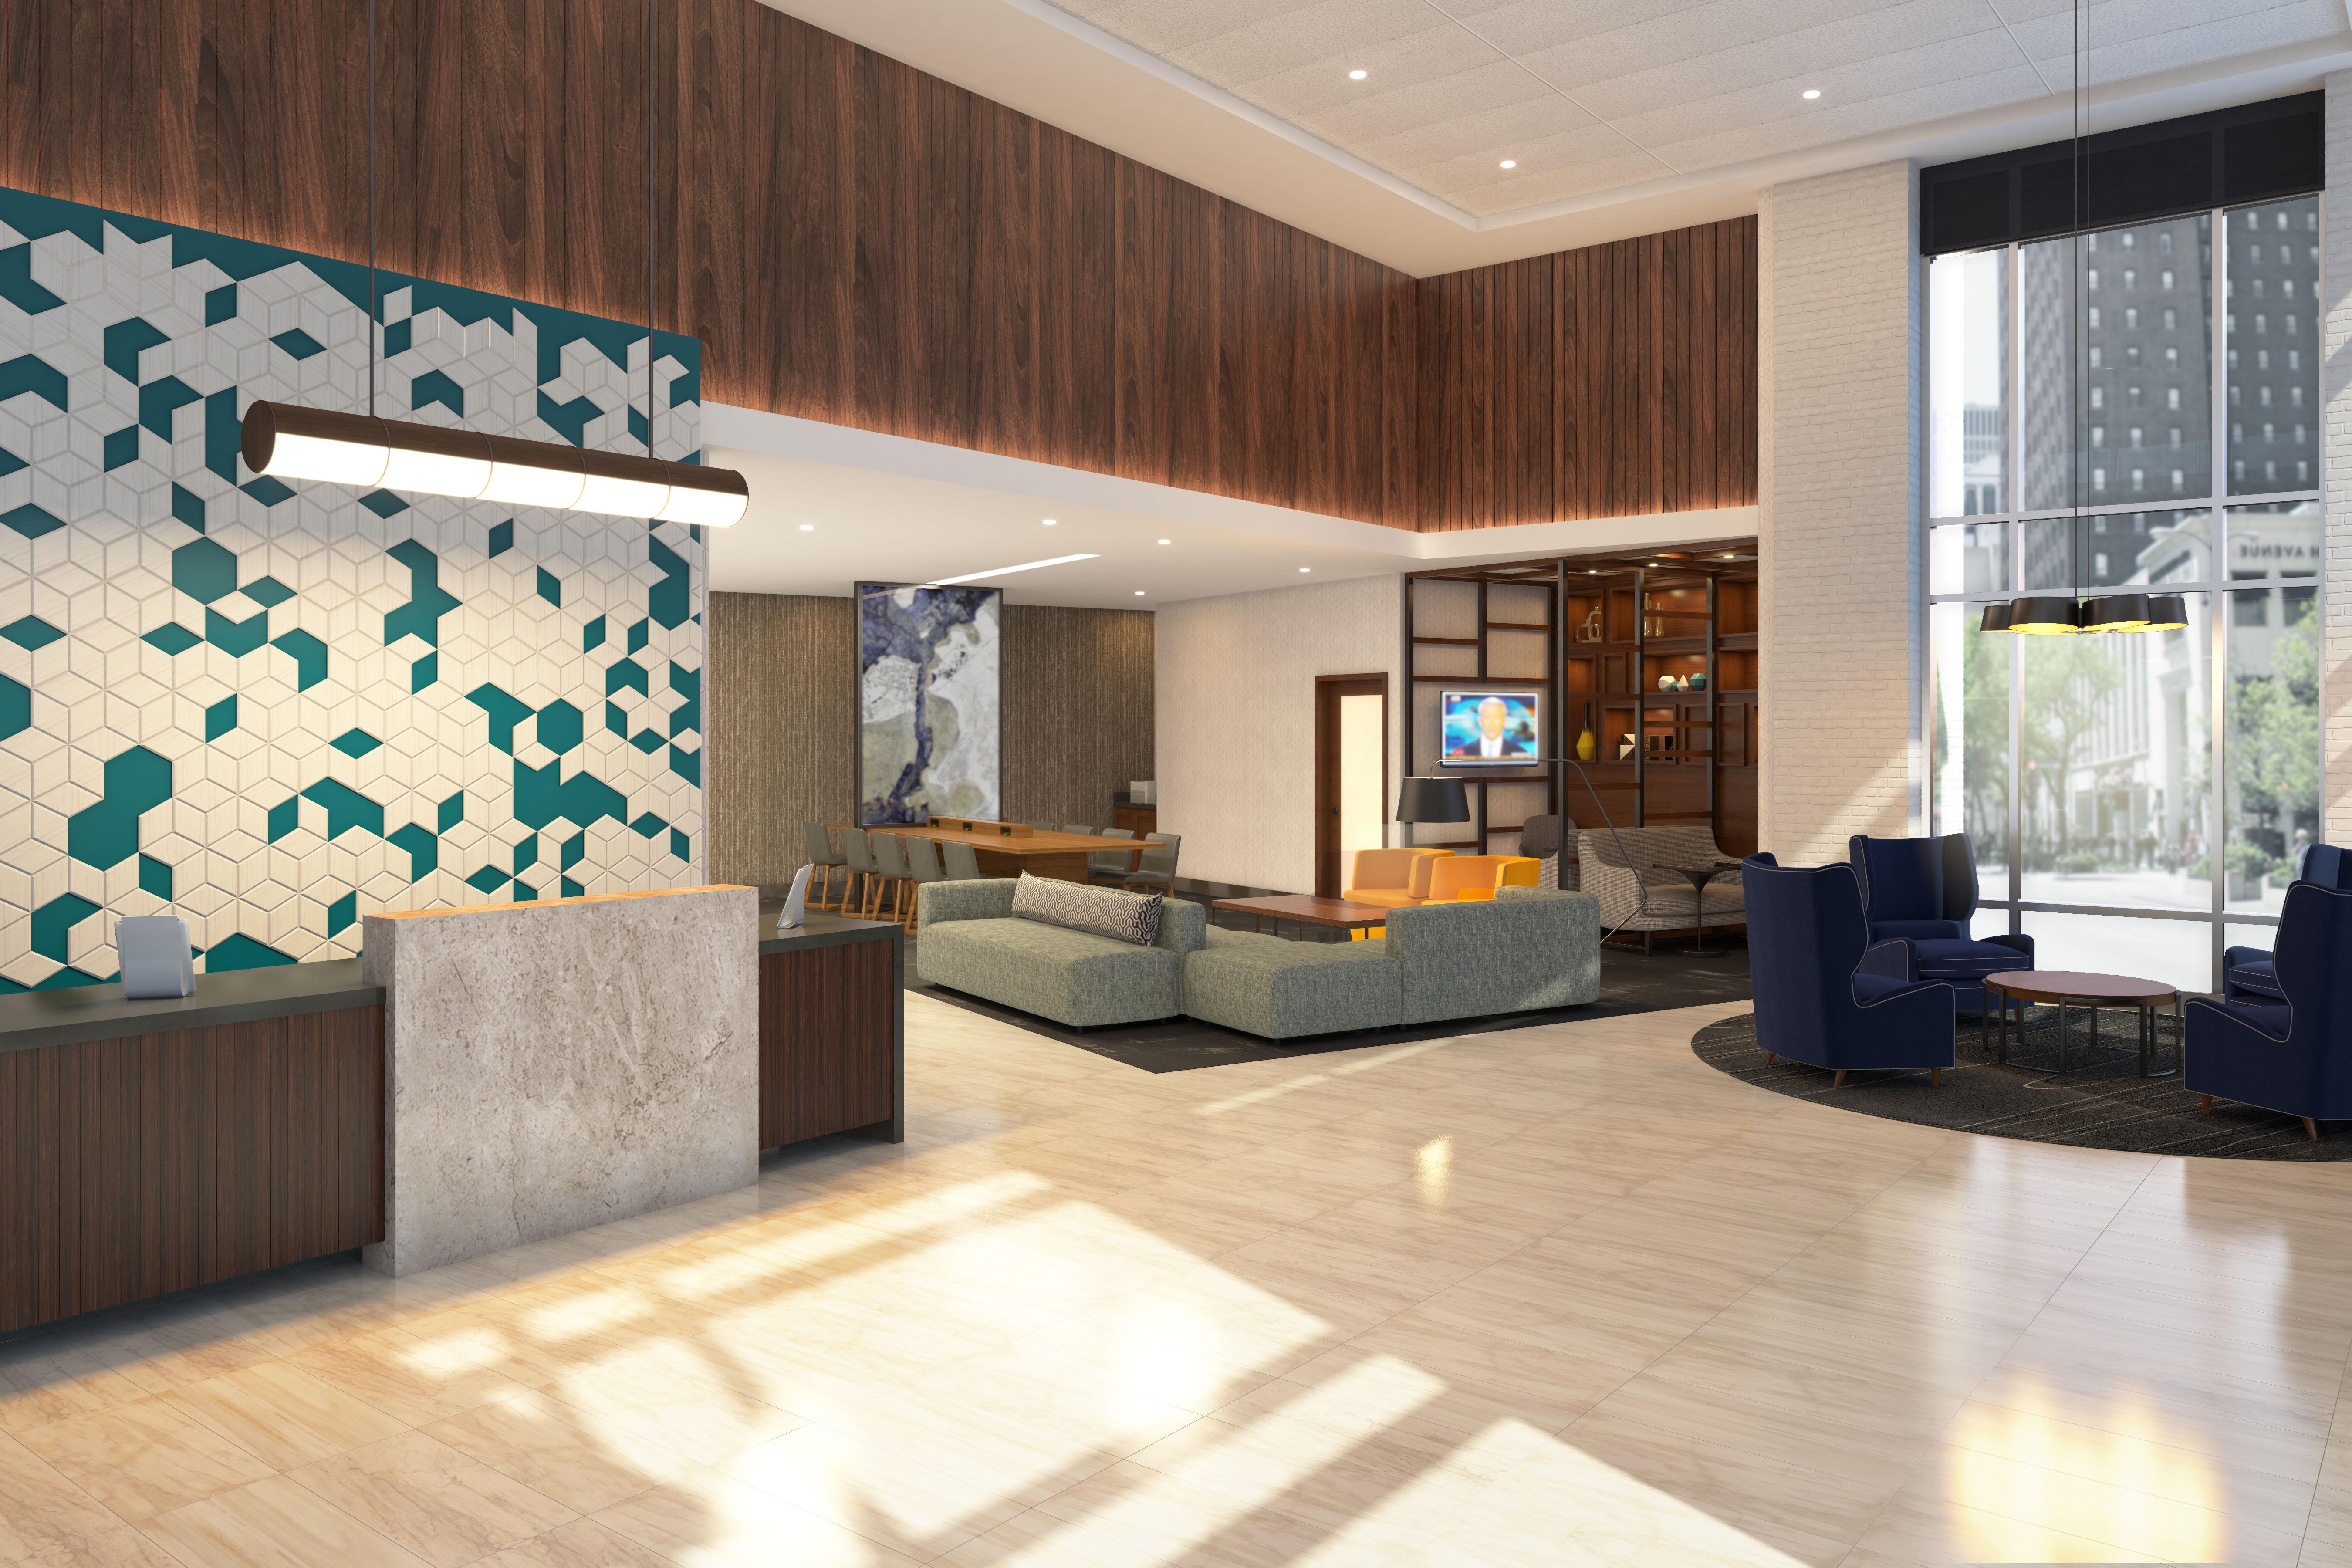 Hyatt Place Series 3 Public Space View 1